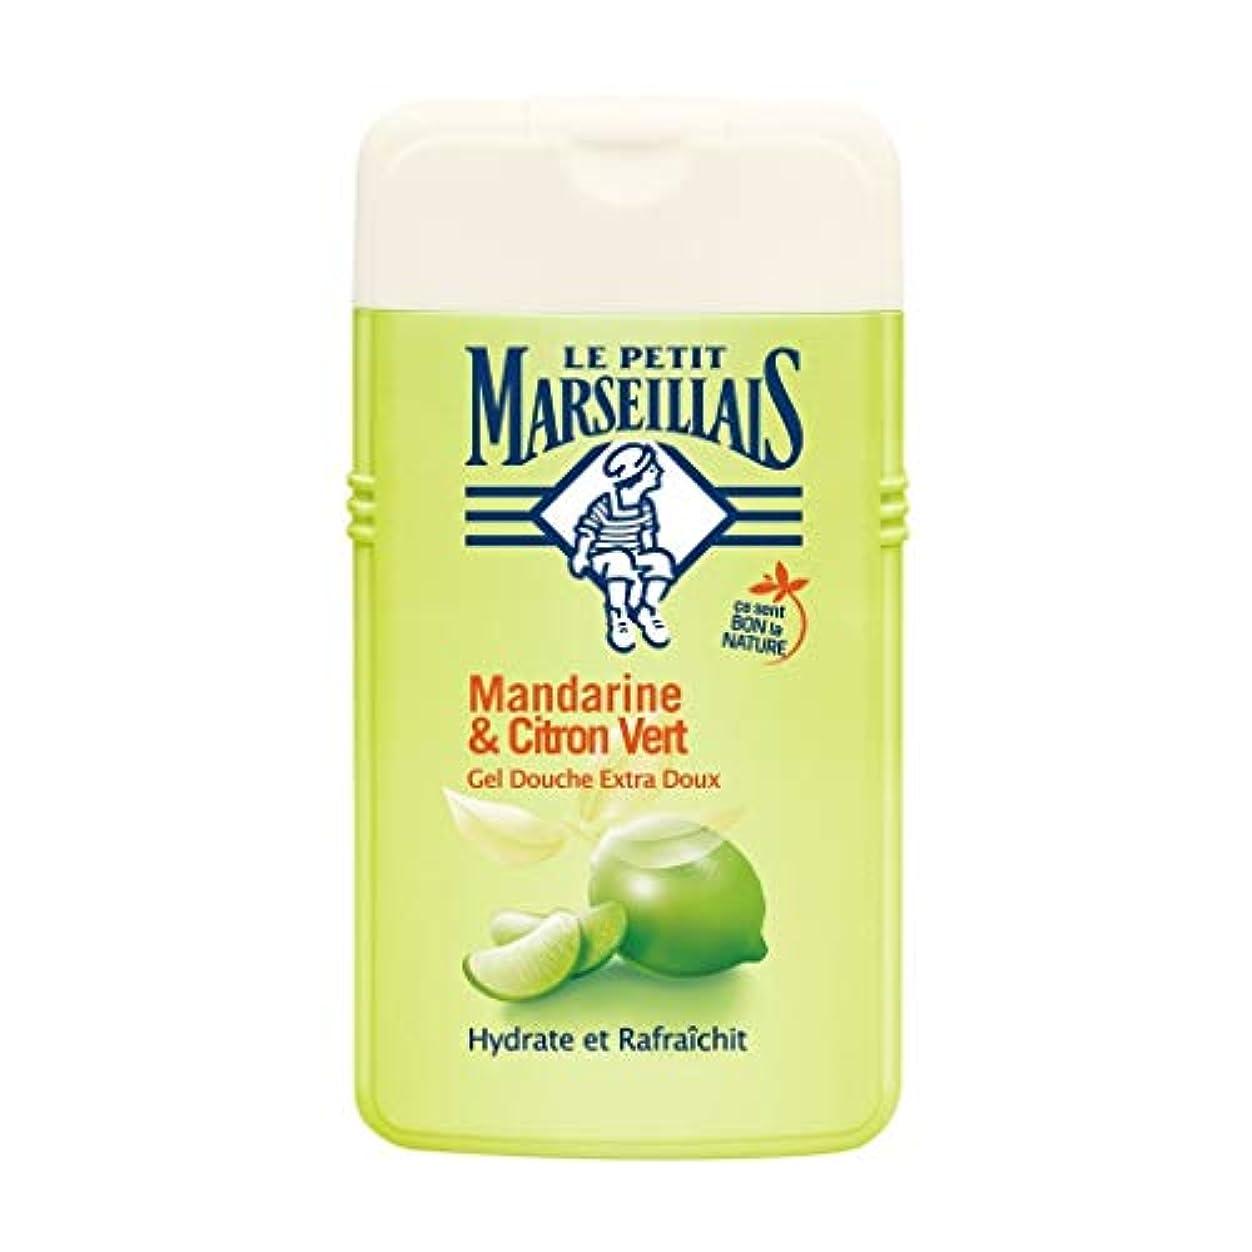 突っ込むドレイン本ル プティ マルセイユ Le Petit Marseillais シャワージェル/ボディソープ (マンダリンオレンジ と ライム, 250 ml)